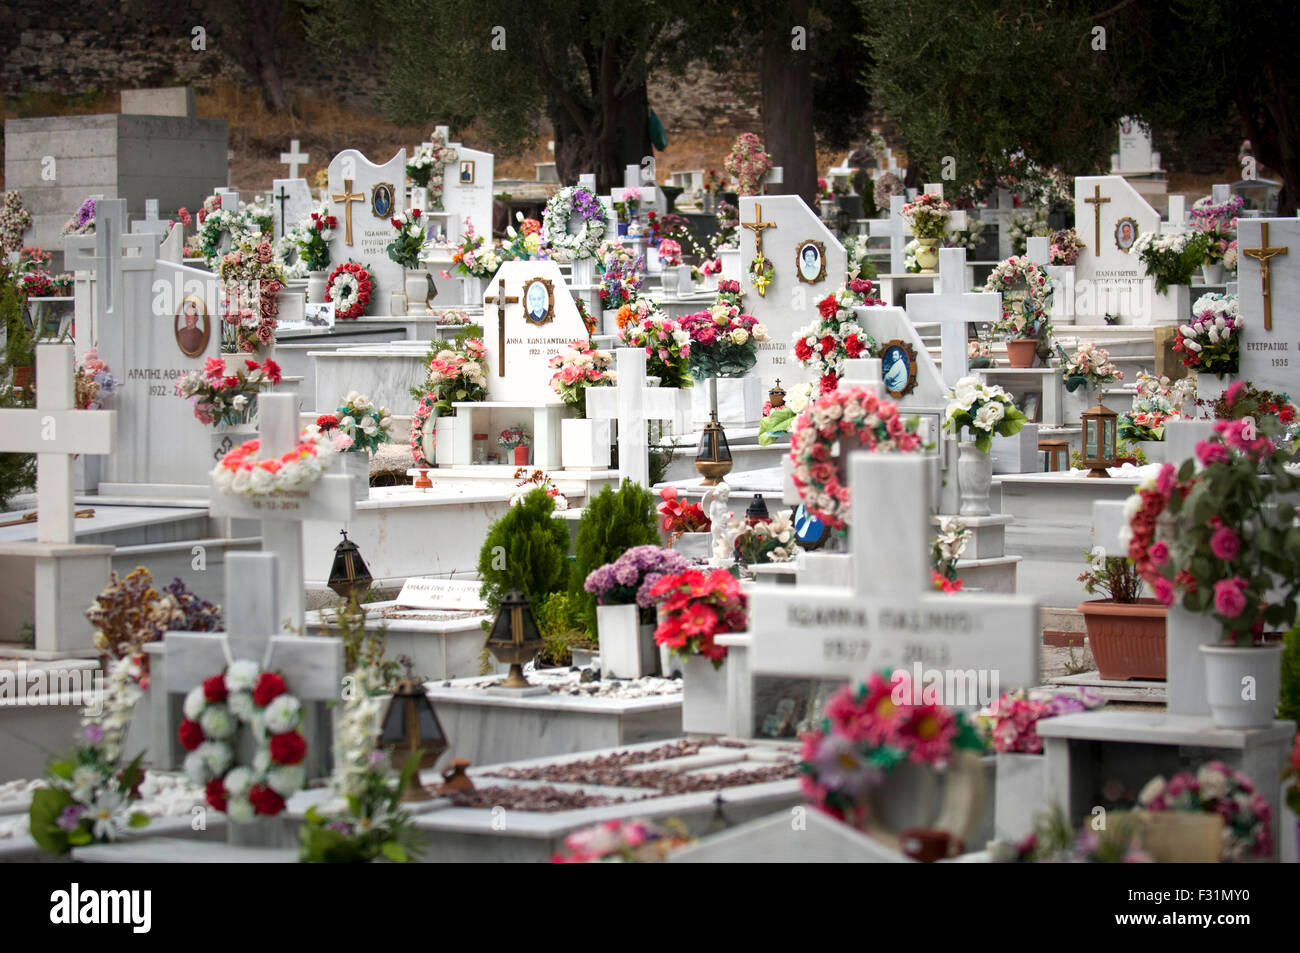 Saint Panteleimon cemetery in Mytilini, Lesbos, Greece. - Stock Image